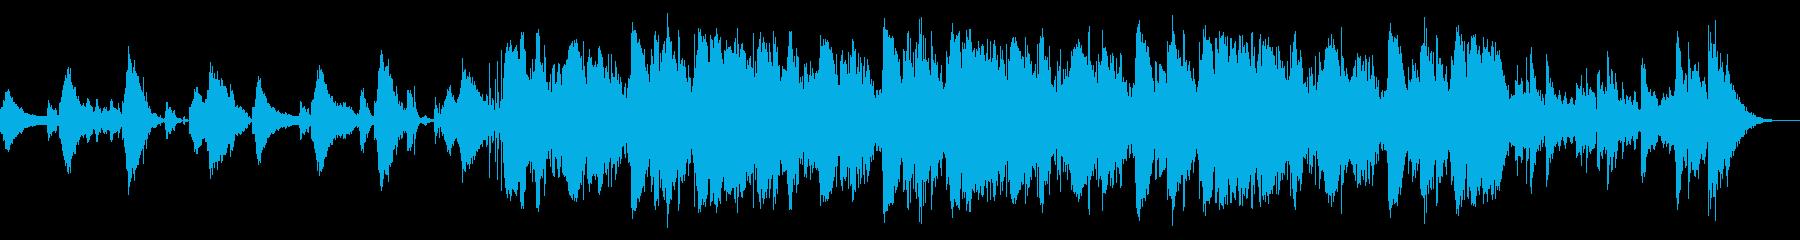 破壊的でダークなアンビエントな電子音楽の再生済みの波形